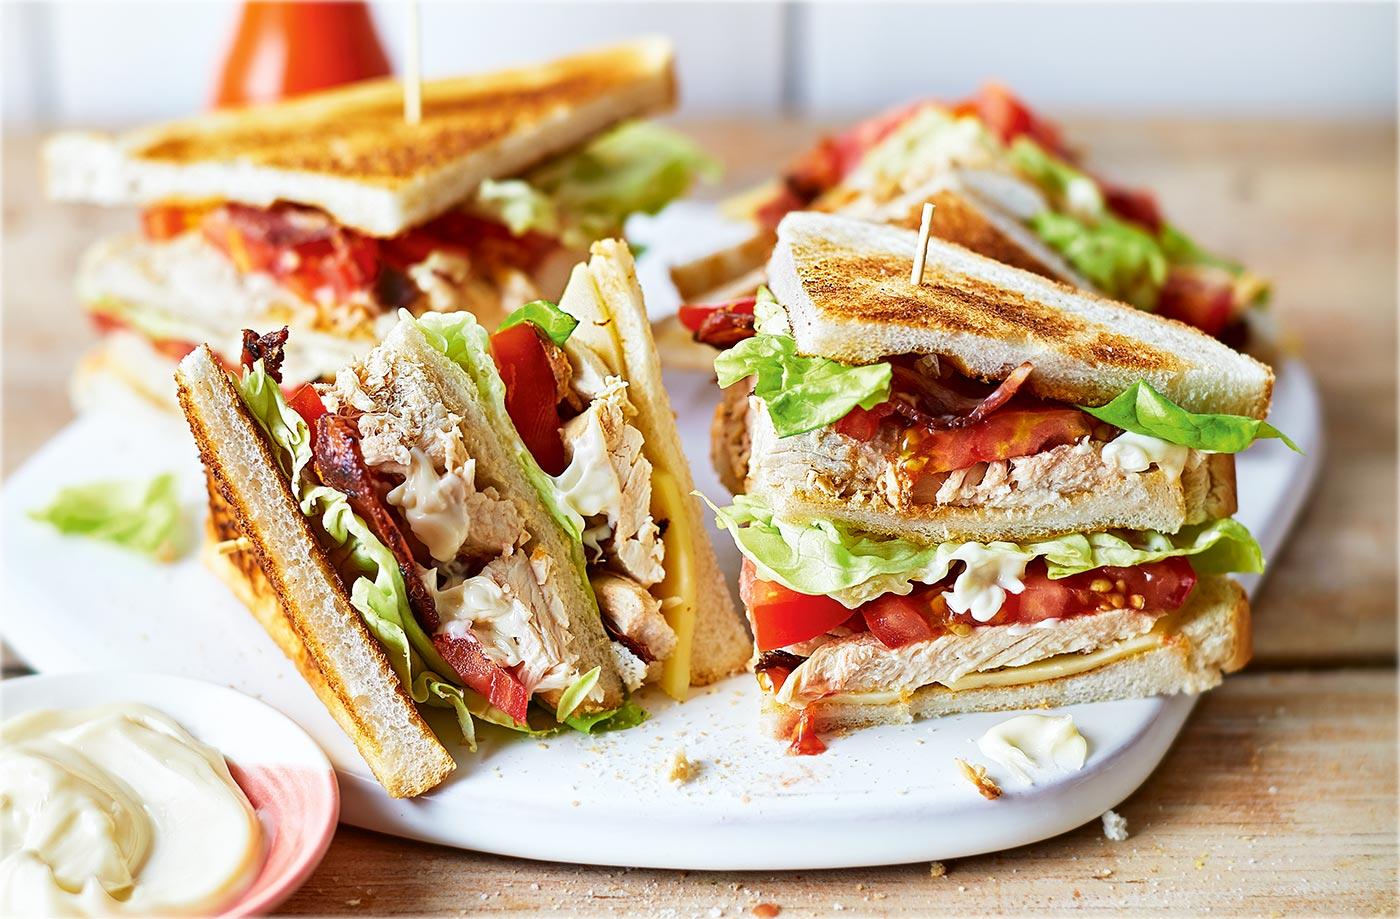 Αυτή η προσφορά του Piri Piri για τα 2 Γίγας Club Sandwich είναι ό,τι πρέπει για τα βράδια με την παρέα